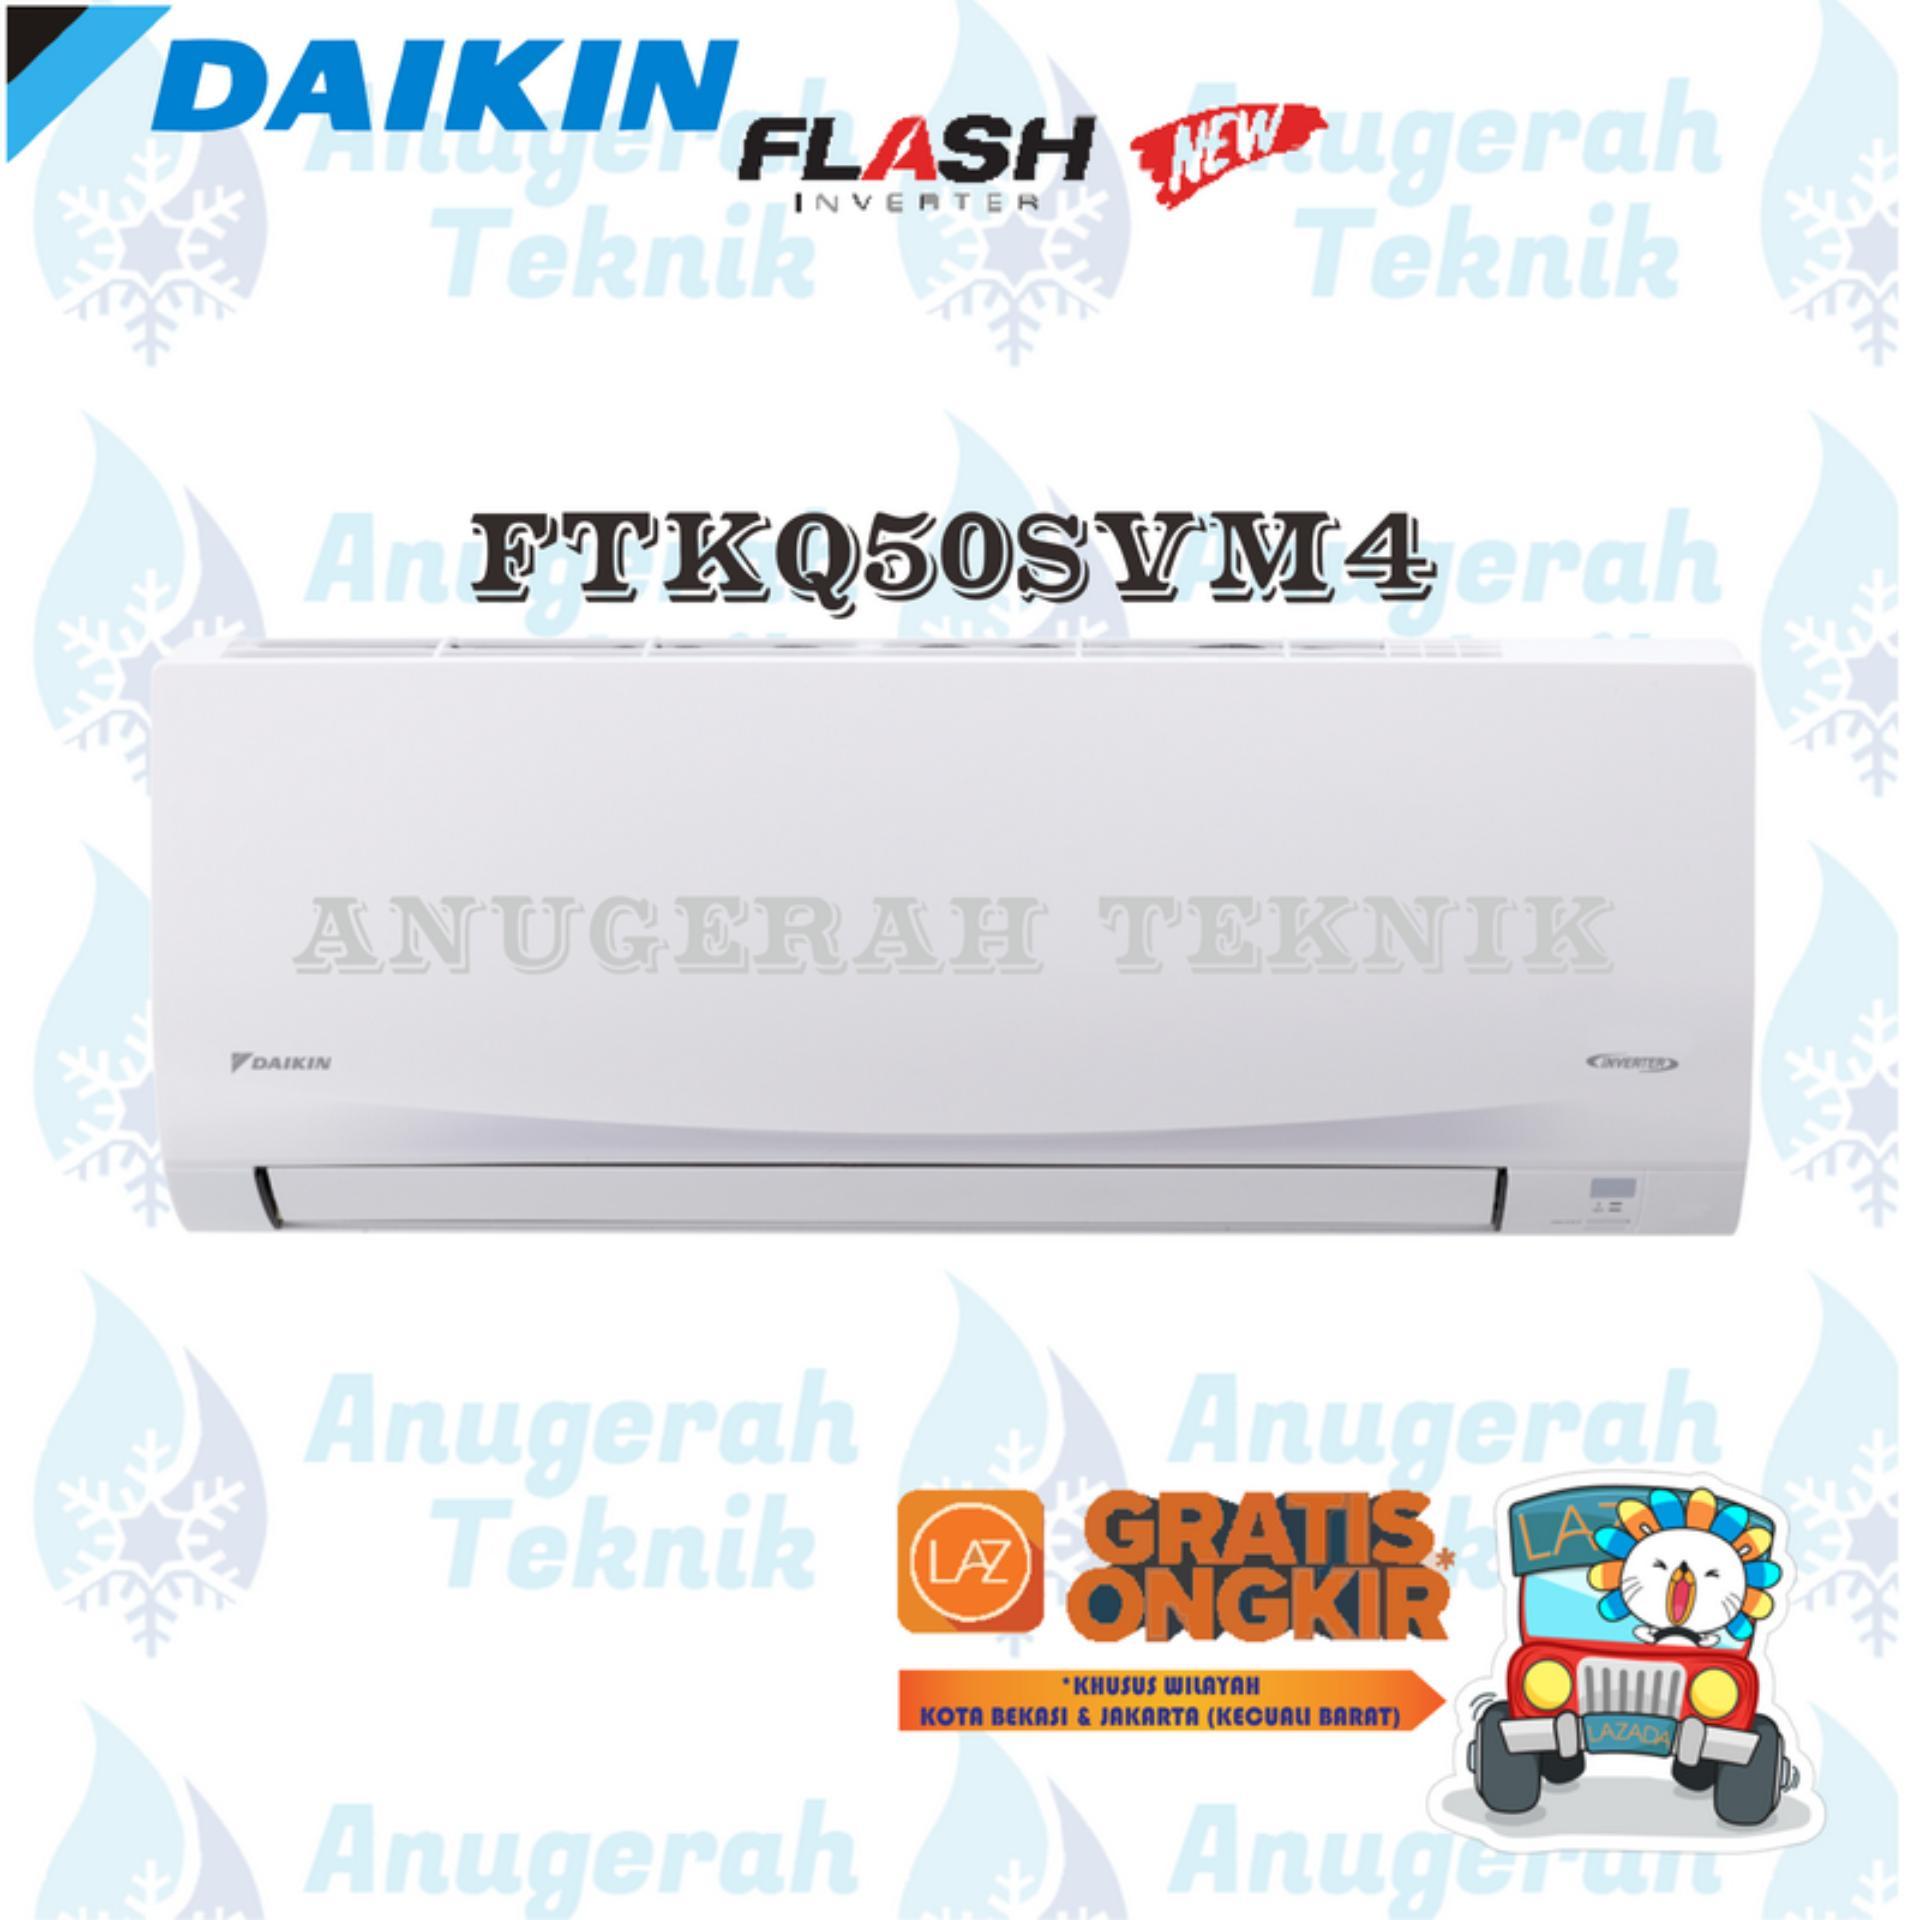 DAIKIN AC SPLIT 2 PK 2PK R32 THAILAND FLASH INVERTER - FTKQ50SVM4